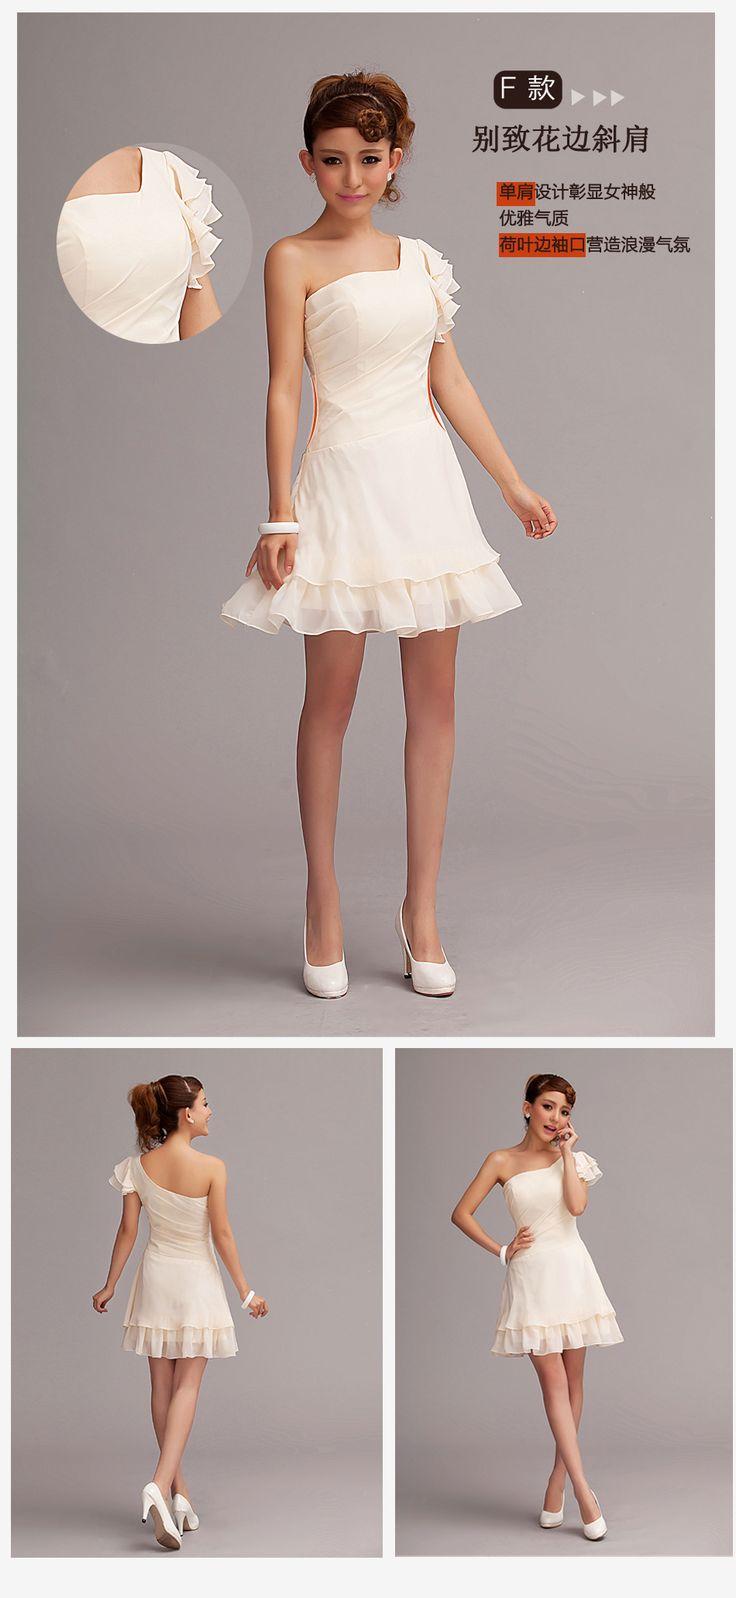 6 clases de estilo de vestido de fiesta corto de dama de honor del vestido de la falda del todo el tamaño del envío libre a estrenar en Vestidos de Damas de Honor de Moda y Complementos en AliExpress.com | Alibaba Group